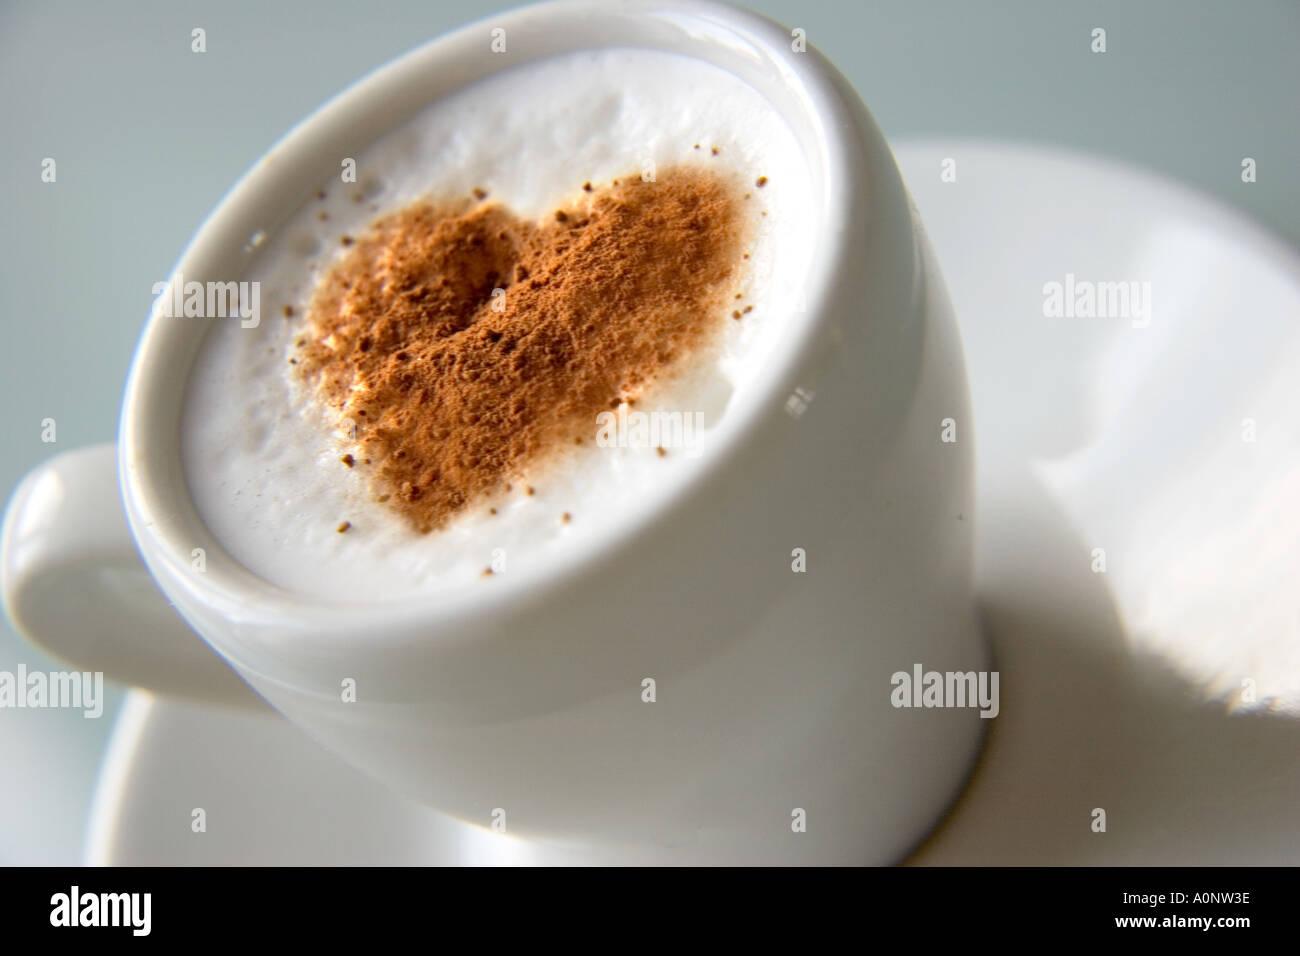 Tasse remplie de café avec de la poudre de coco en forme de coeur Banque D'Images